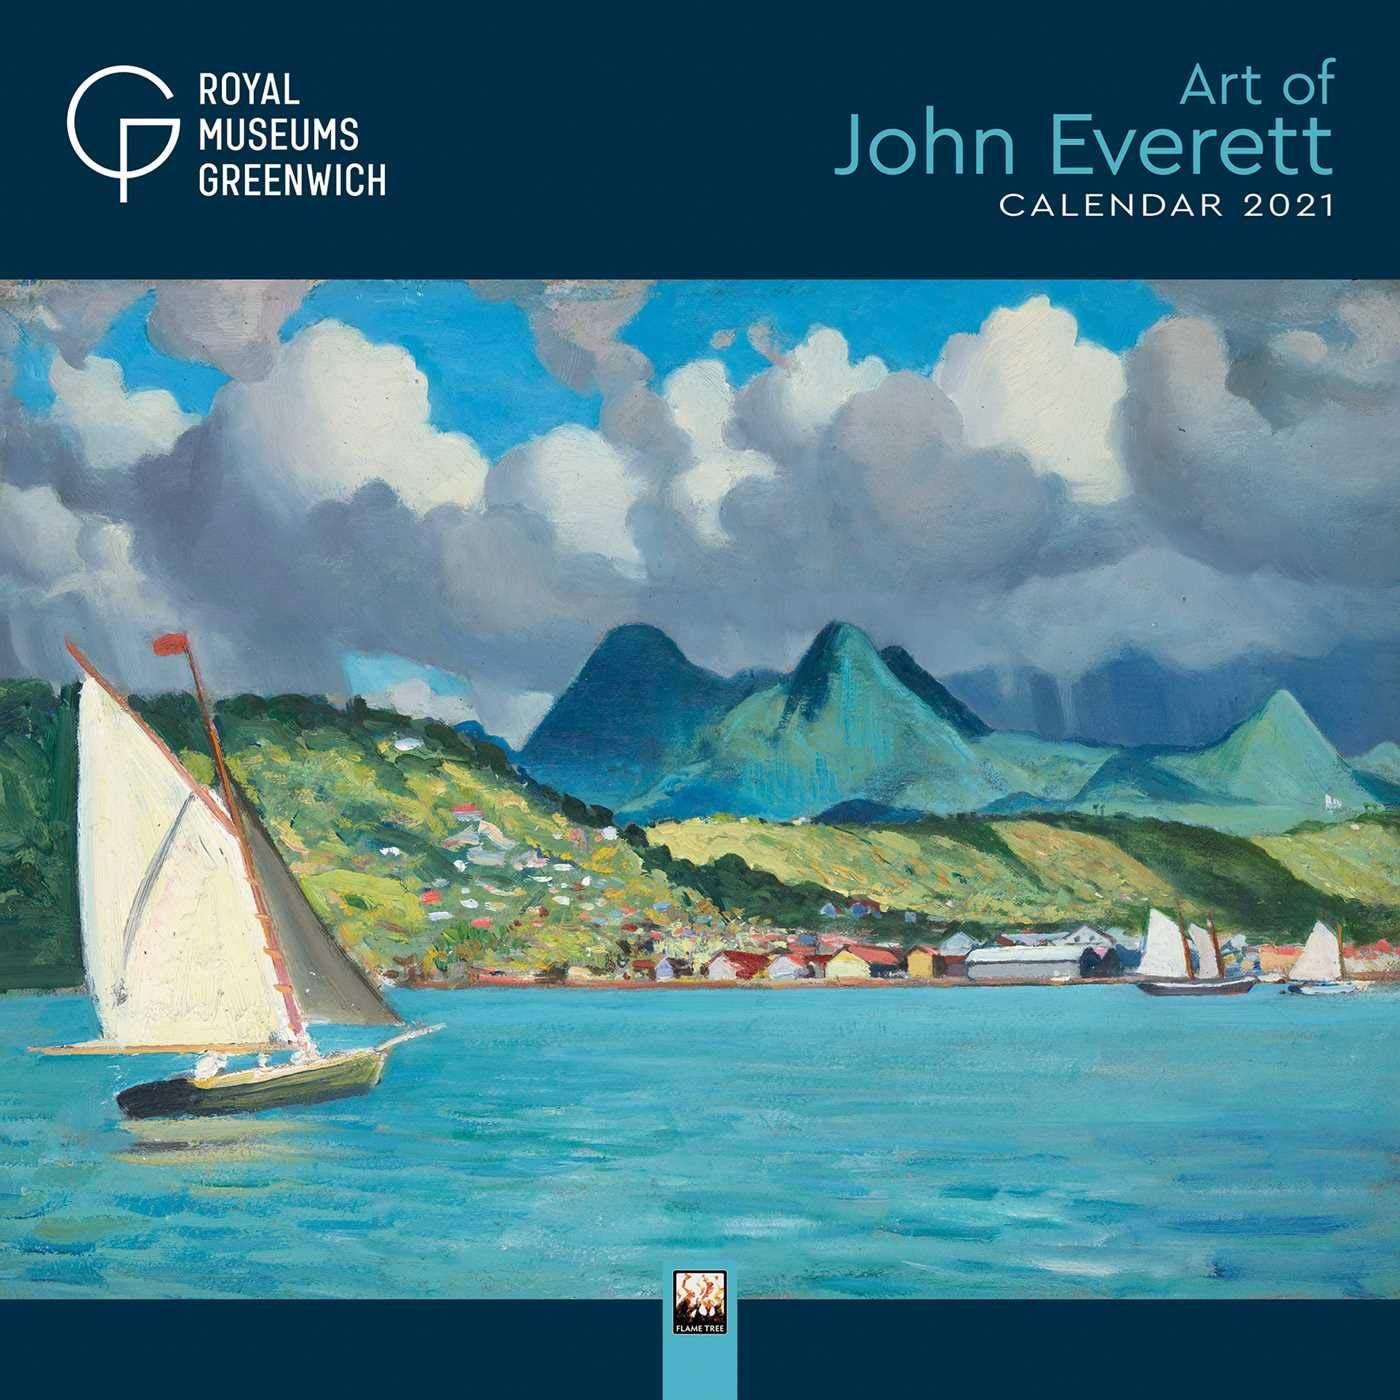 RMG Art of John Everett Wall Calendar - Sale! 2021